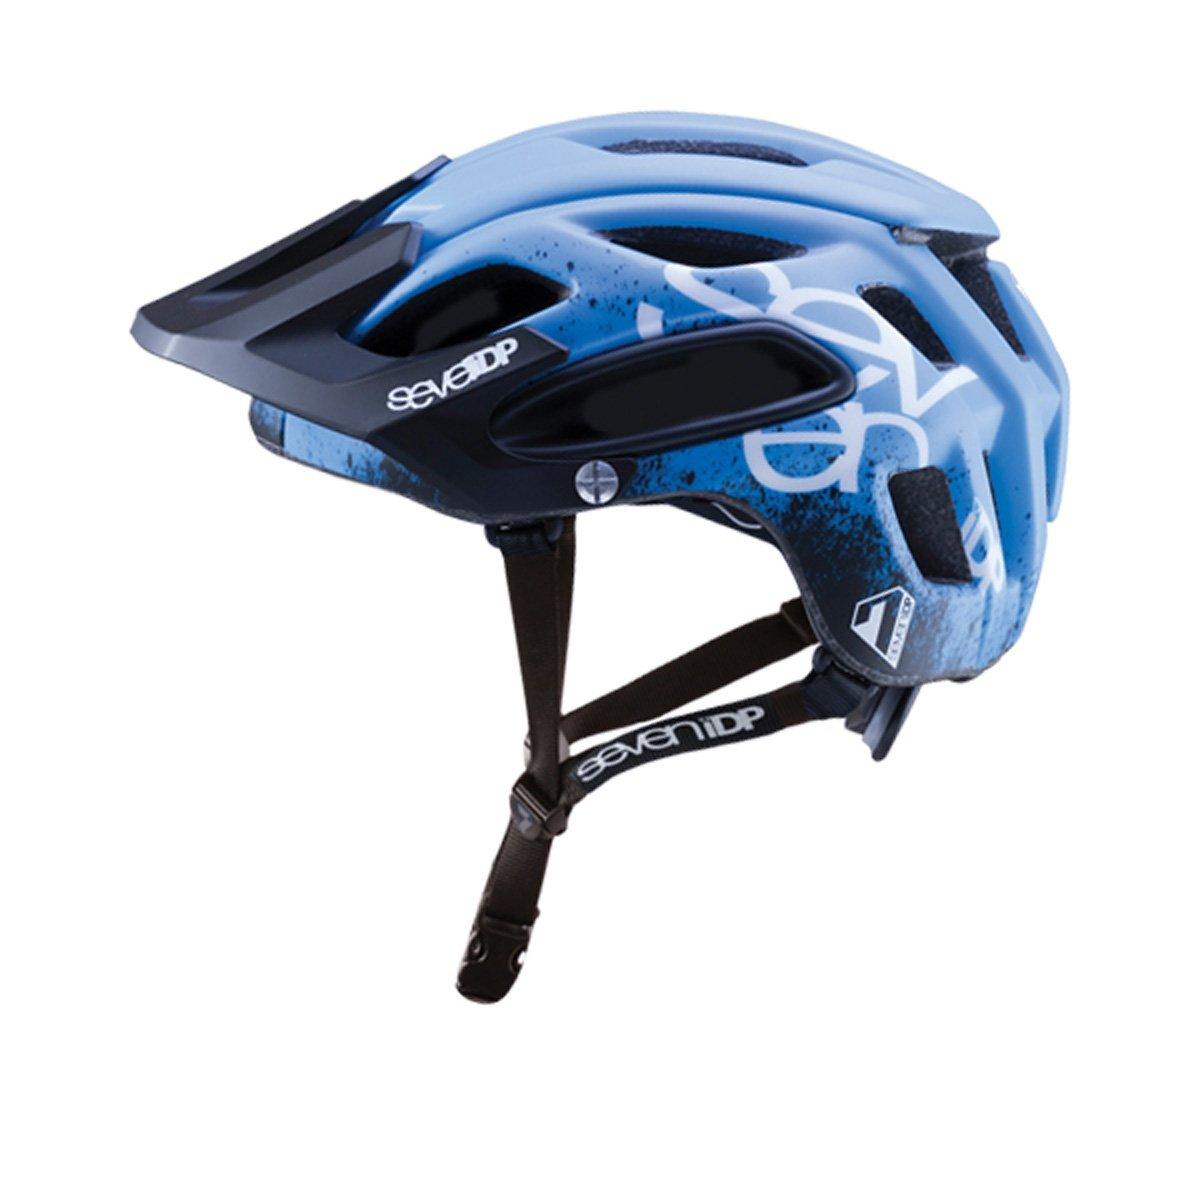 7iDP M2ヘルメット - グラデーションマットブルー/ブラック/ホワイト、m/l   B075V1569P